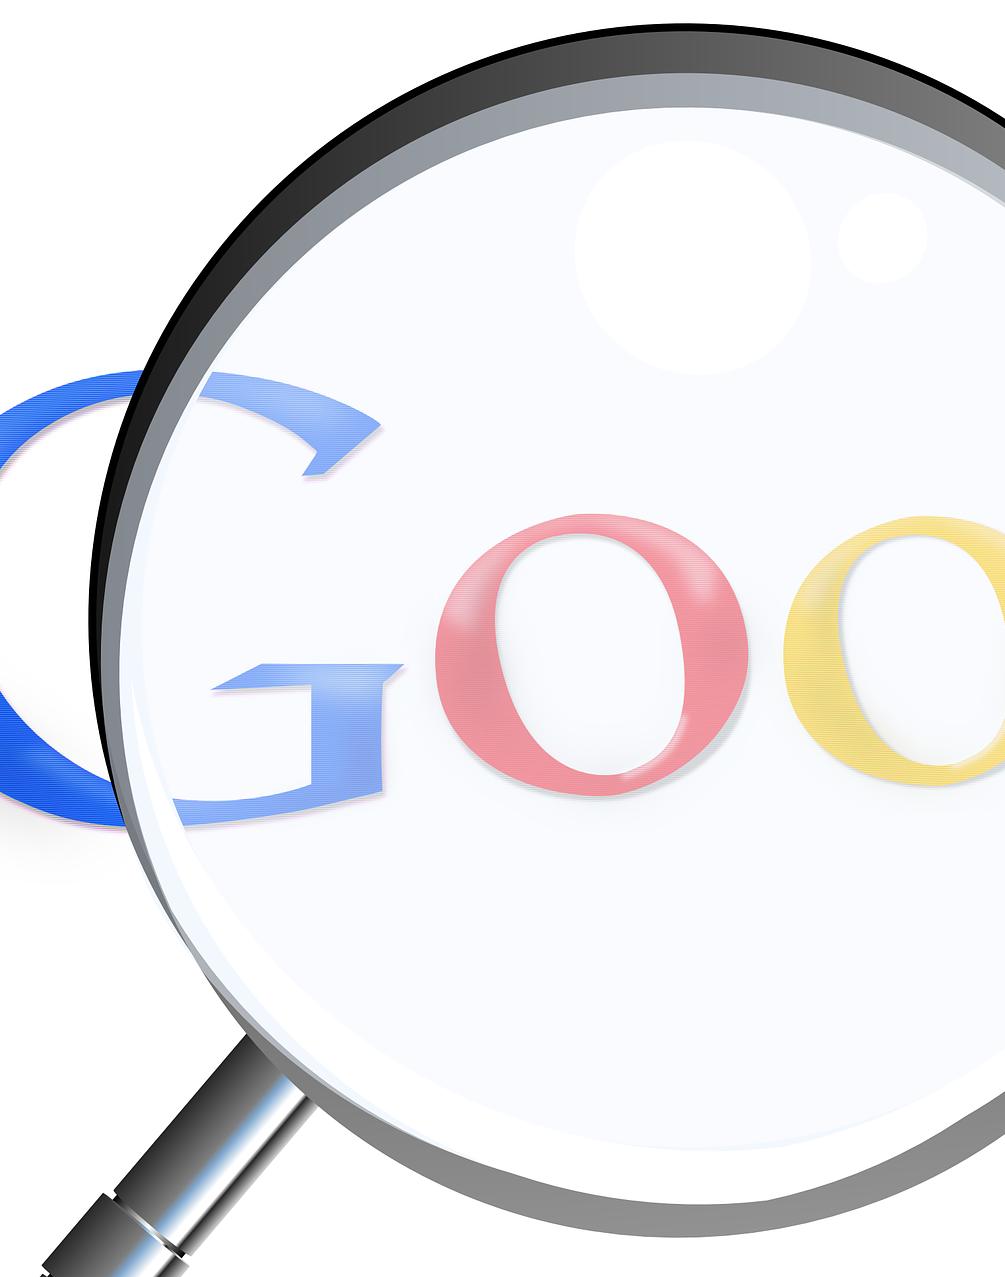 Algorytmy Google – co warto wiedzieć? - SEO blog